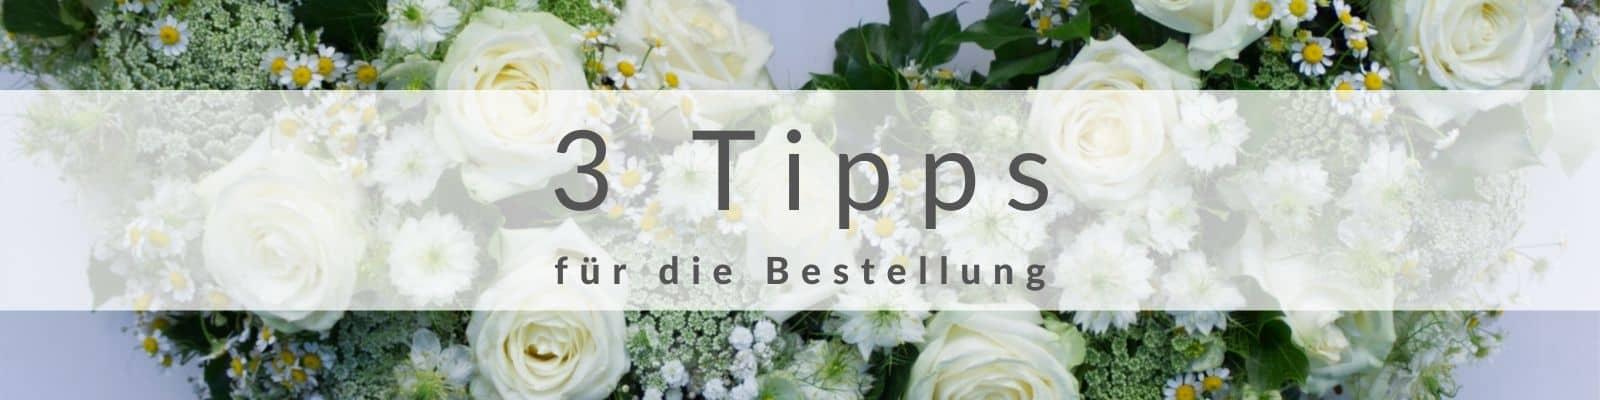 Beerdigungskranz - Trauerkranz mit Schleife online bestellen